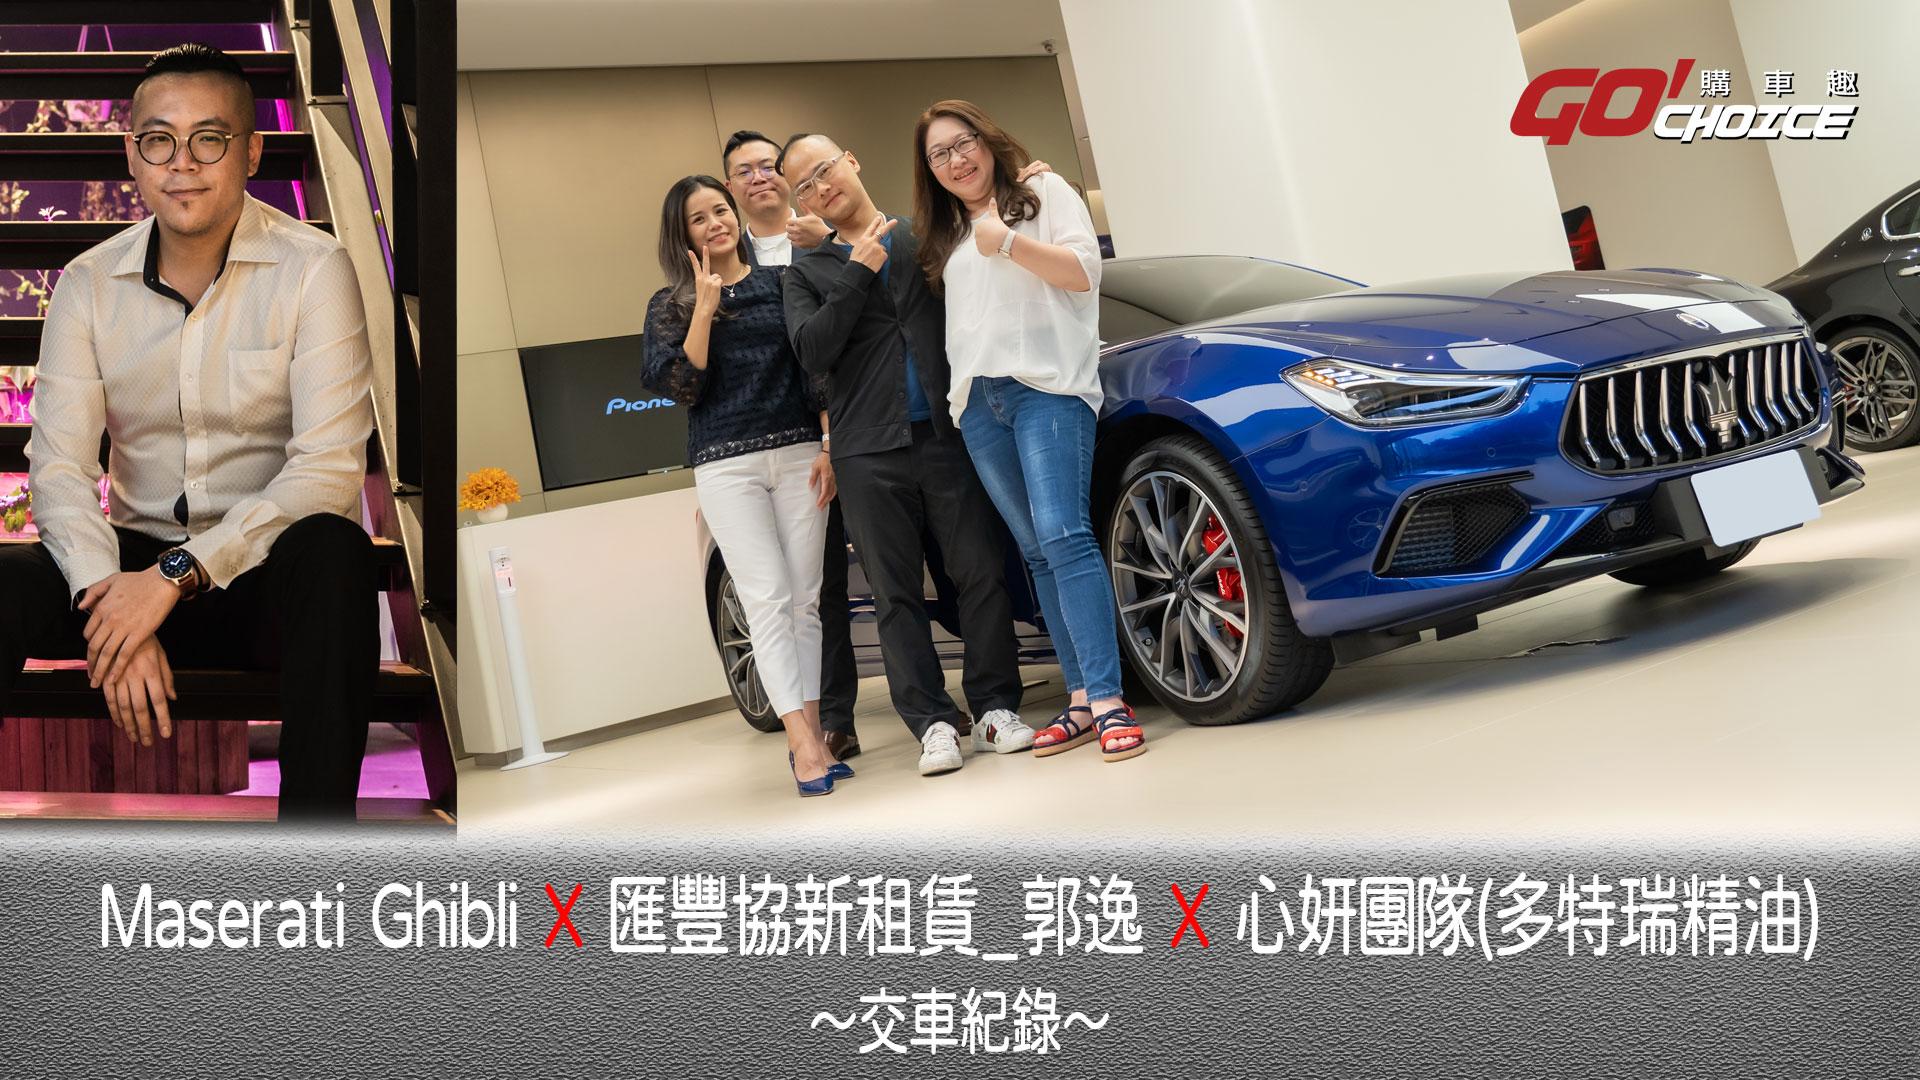 交車紀錄-Maserati Ghibli X 心妍團隊(多特瑞精油) X 匯豐協新租賃_郭逸